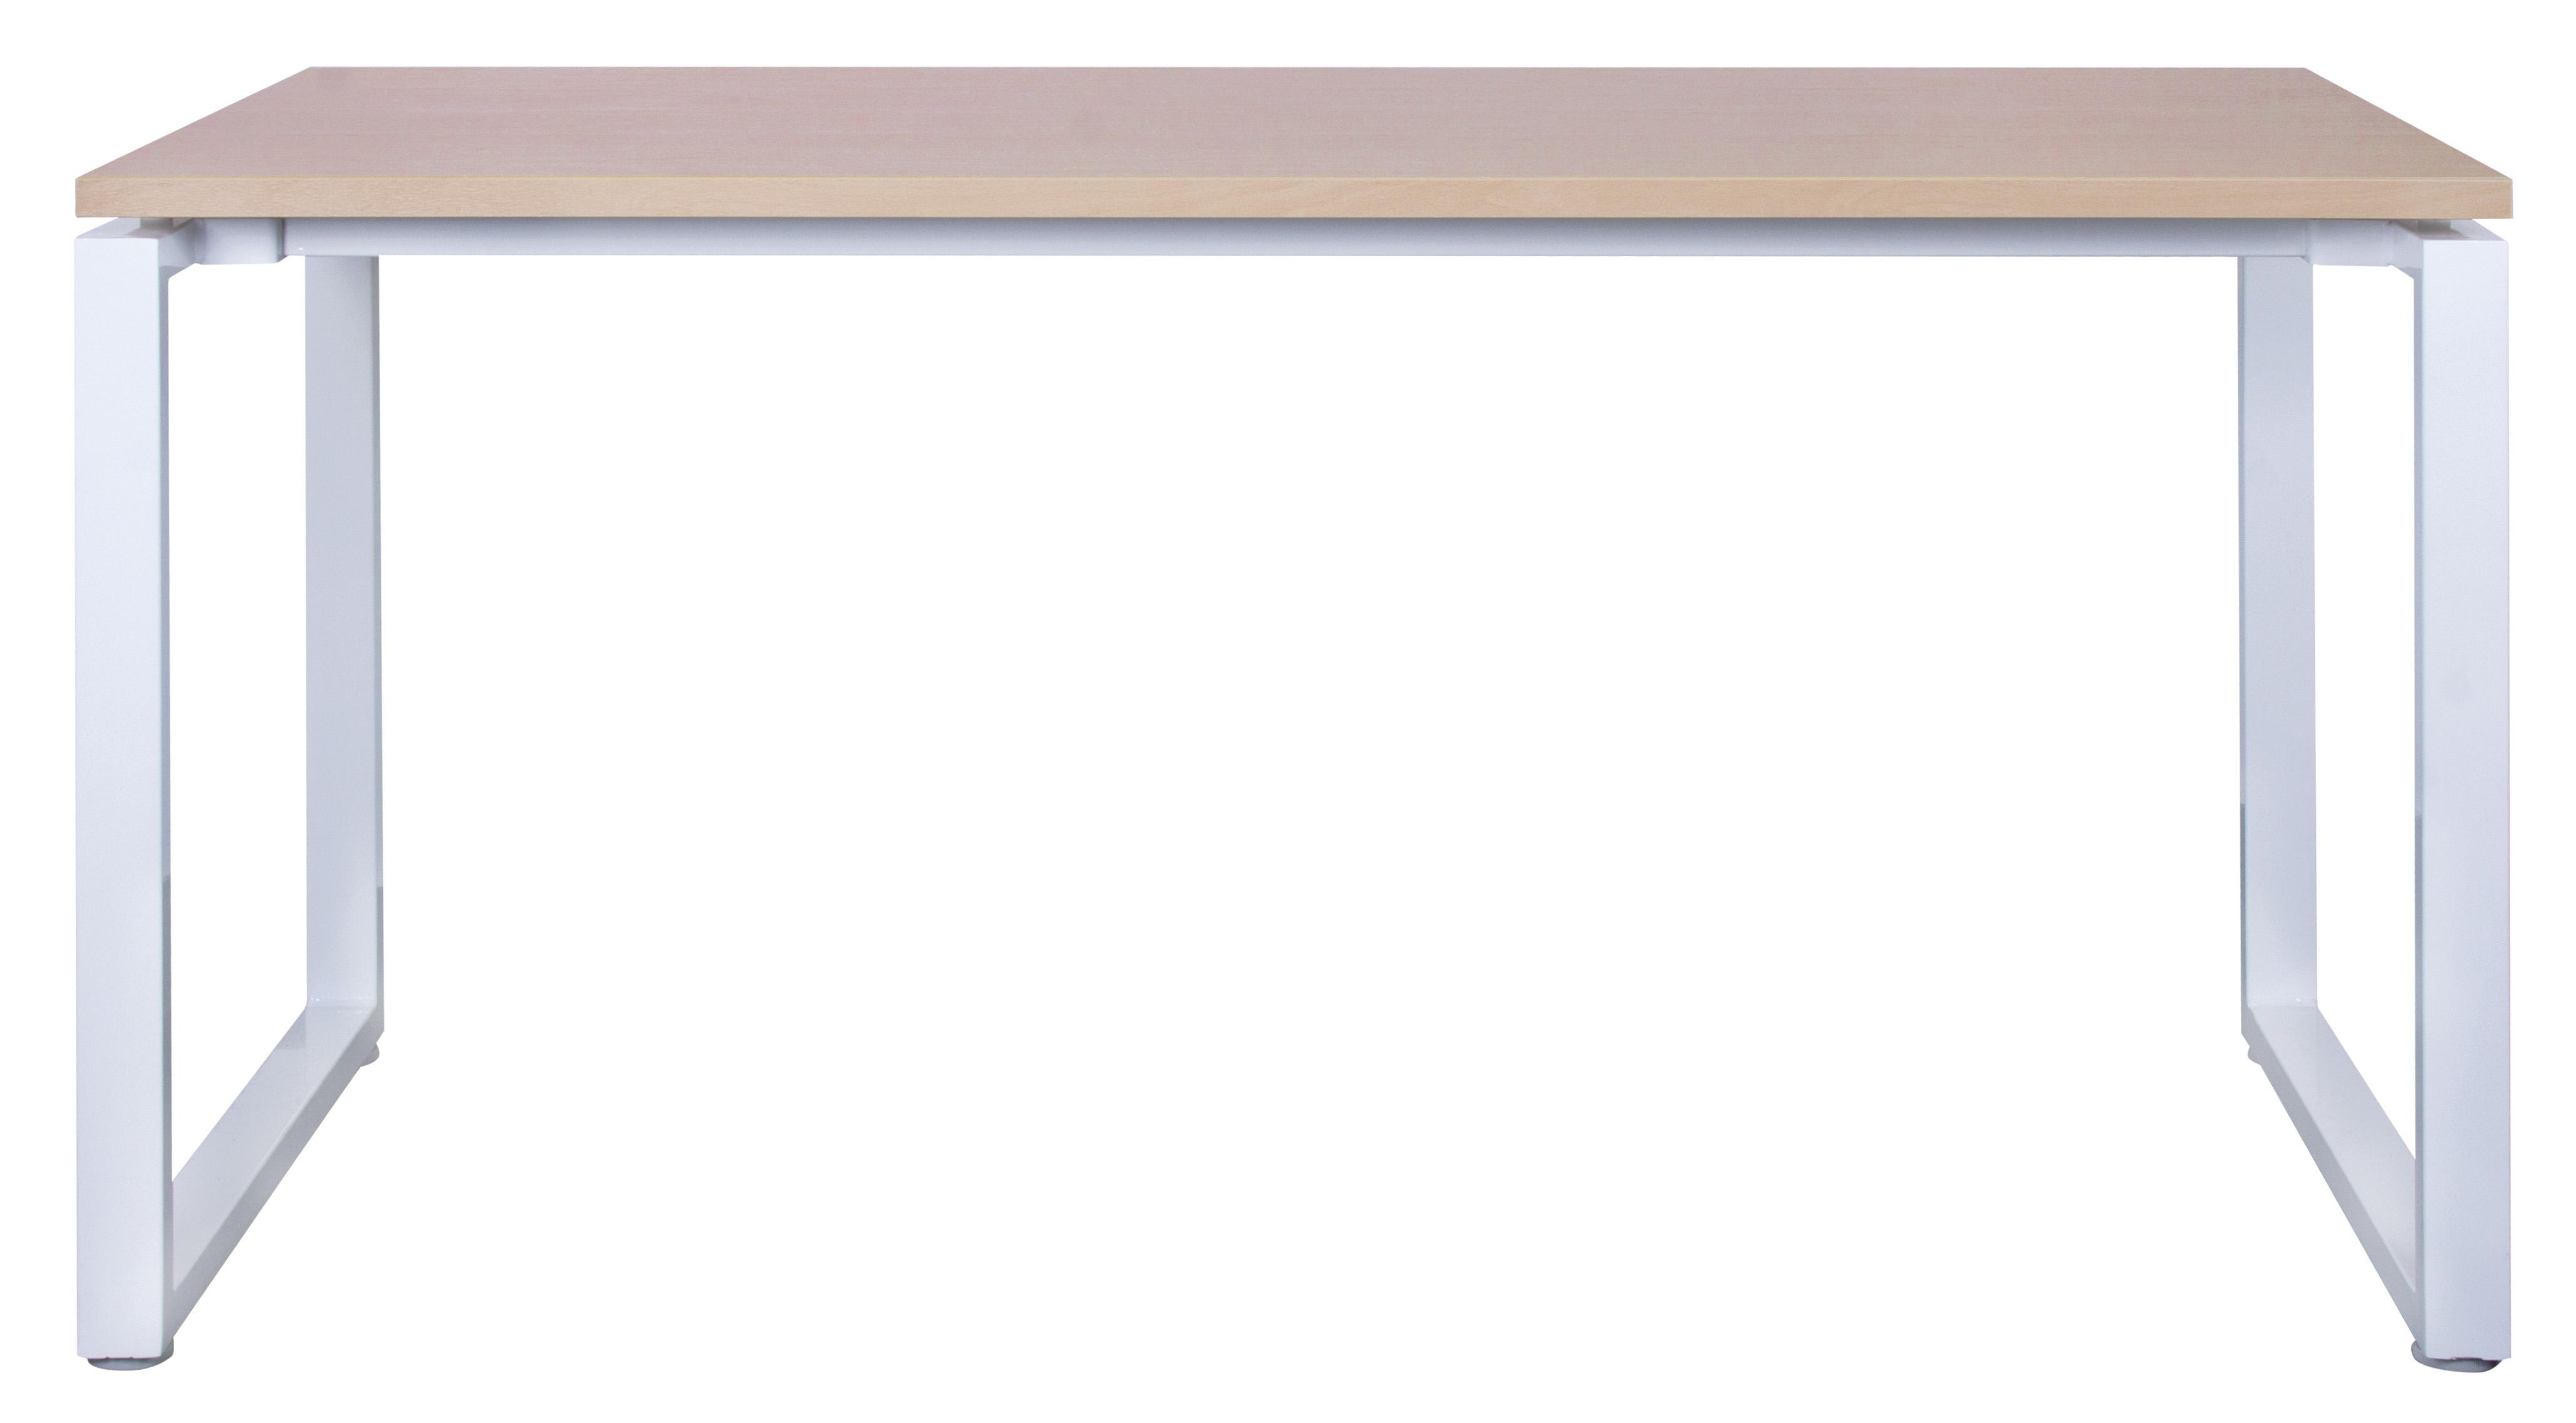 Bureau droit MT1 Elégance - L160 x P67 x H75 cm - pieds blancs - plateau imitation hêtre